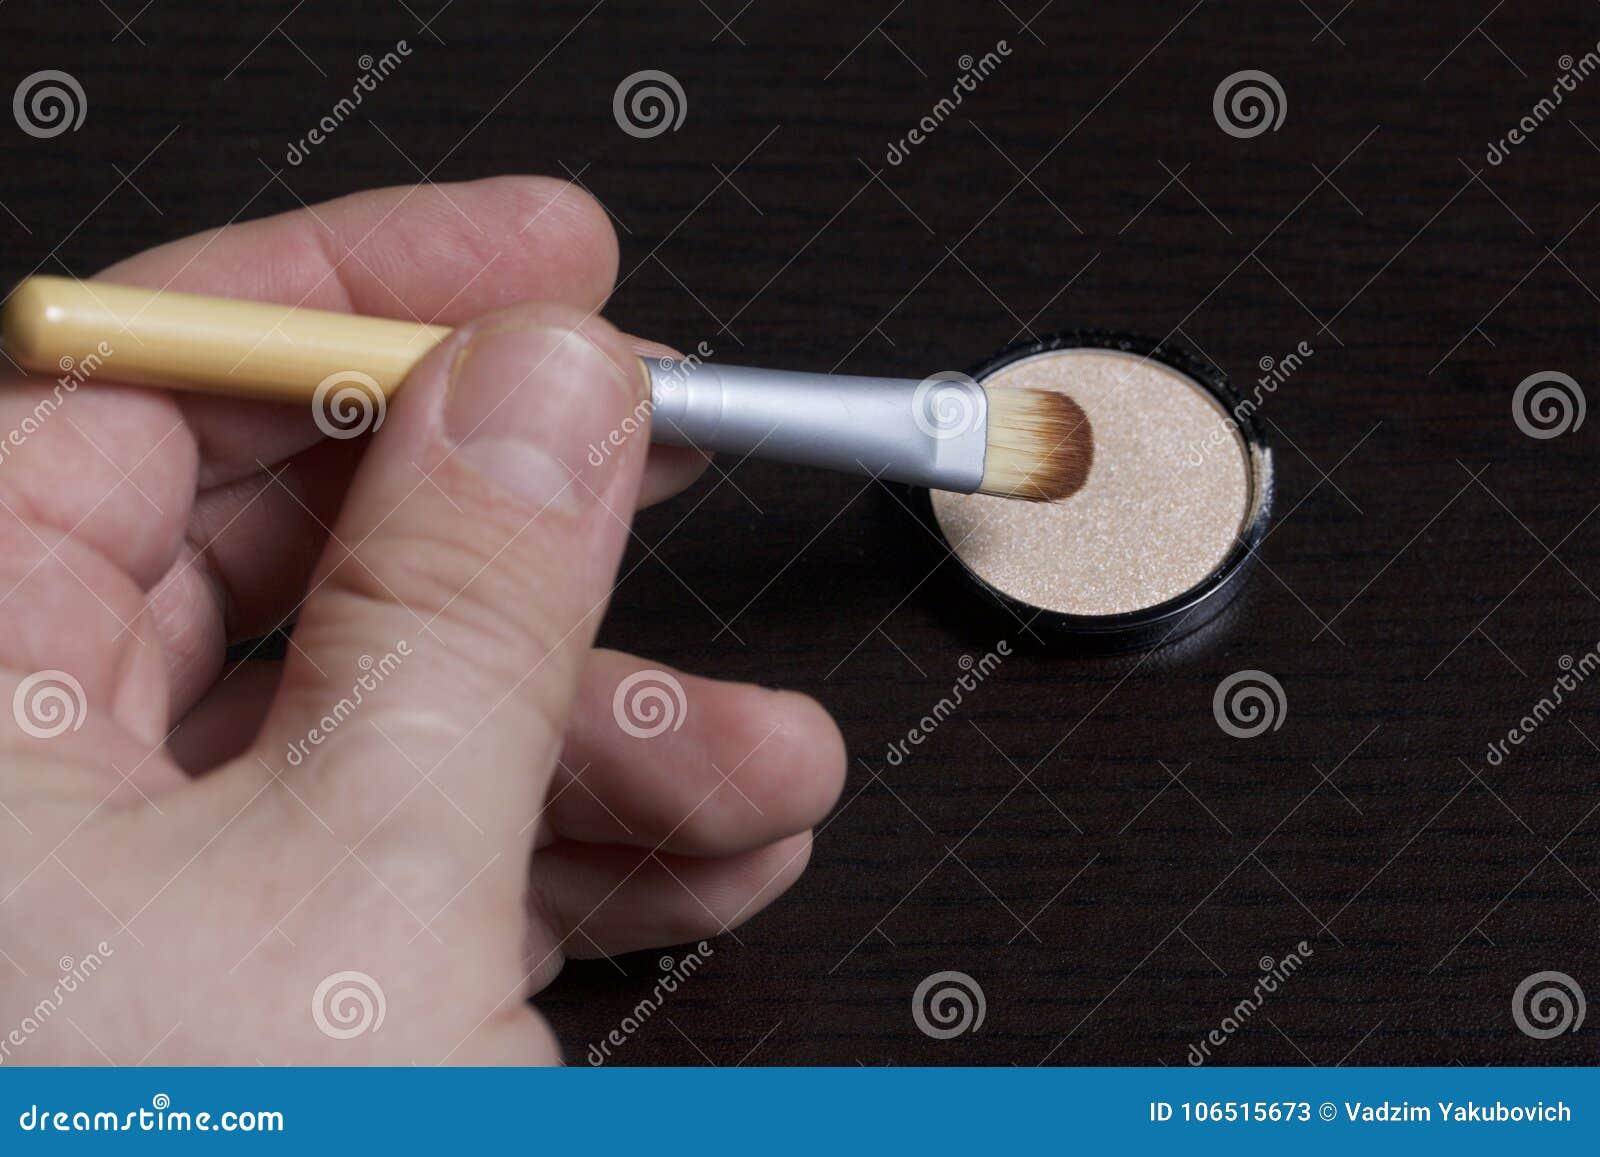 De man houdt een borstel om schoonheidsmiddelen toe te passen Het wordt verminderd door een uiteinde in een ronde container met e